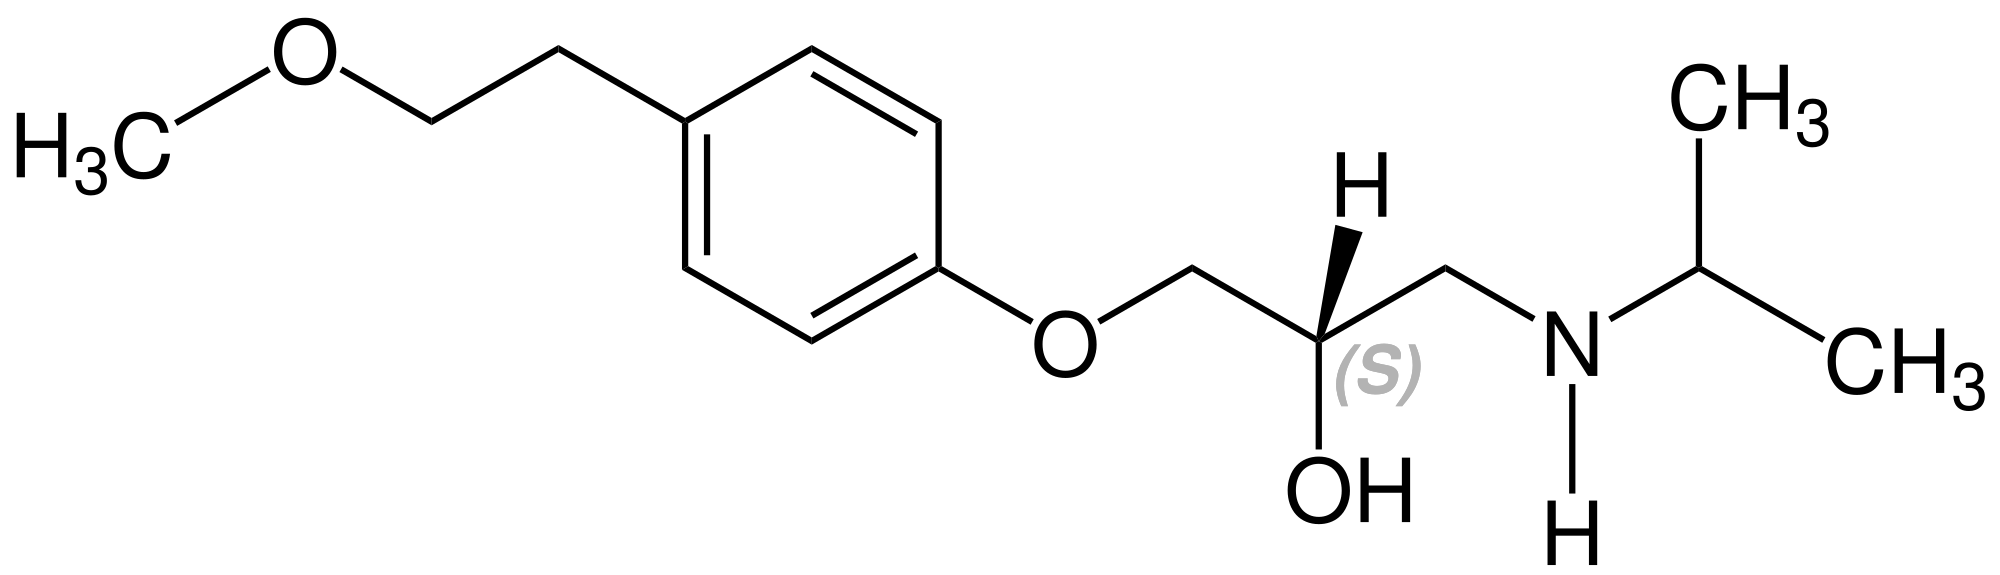 metoprolol magas vérnyomás és tachycardia esetén